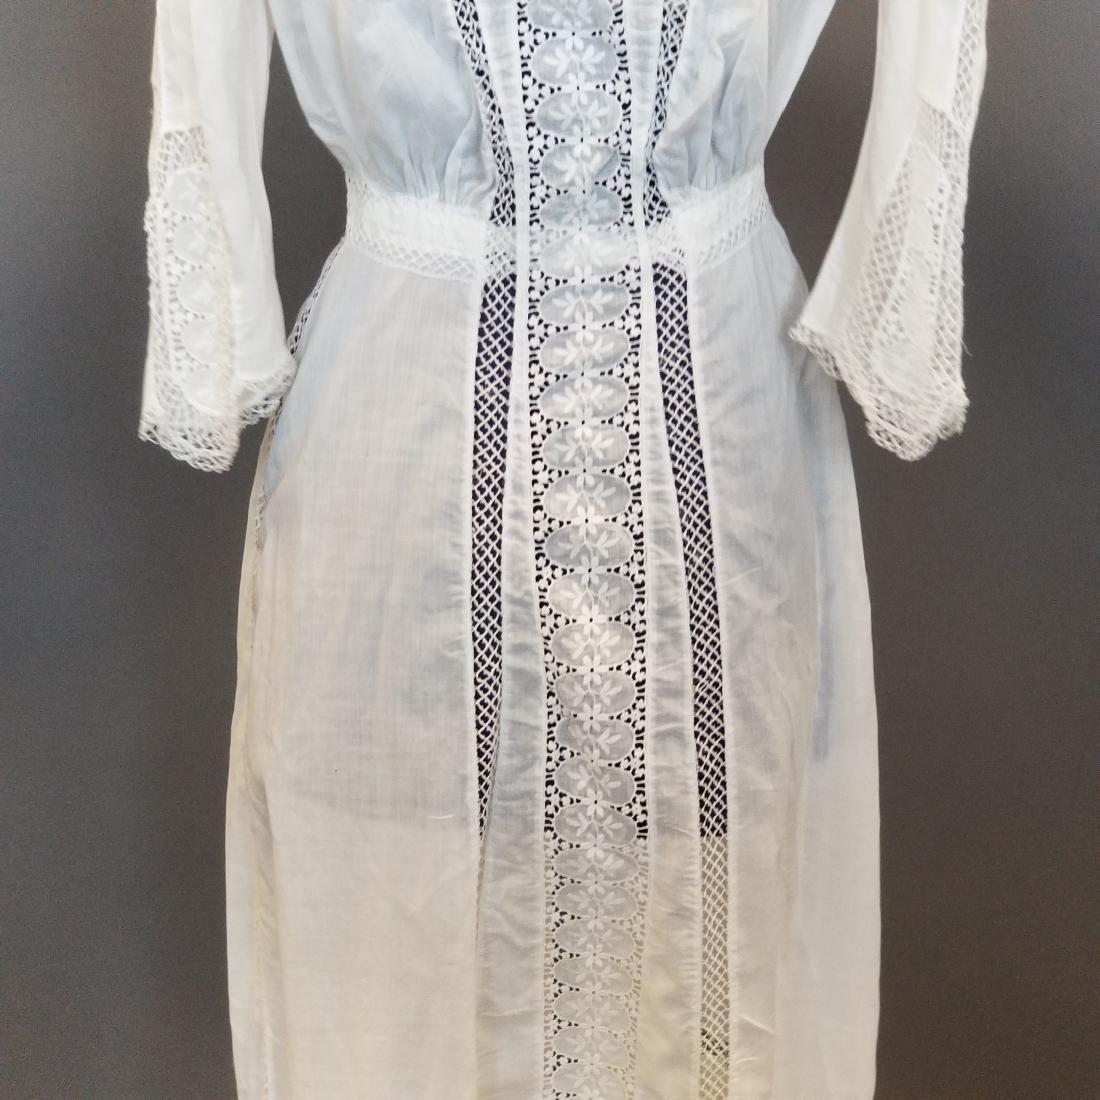 White Lingerie Dress - 3